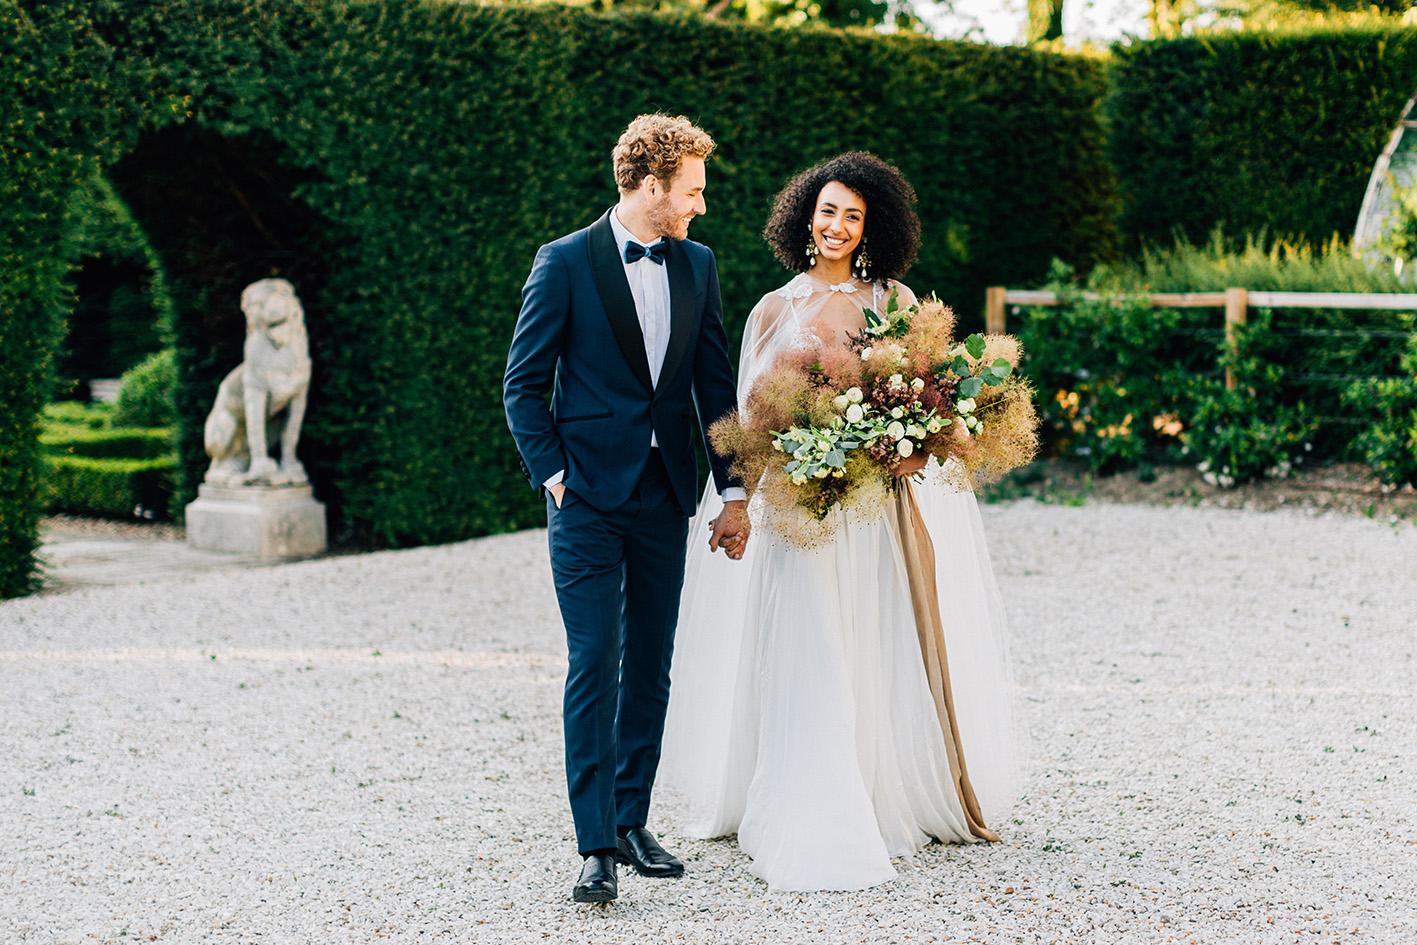 chateau de villette Condécourt wedding France